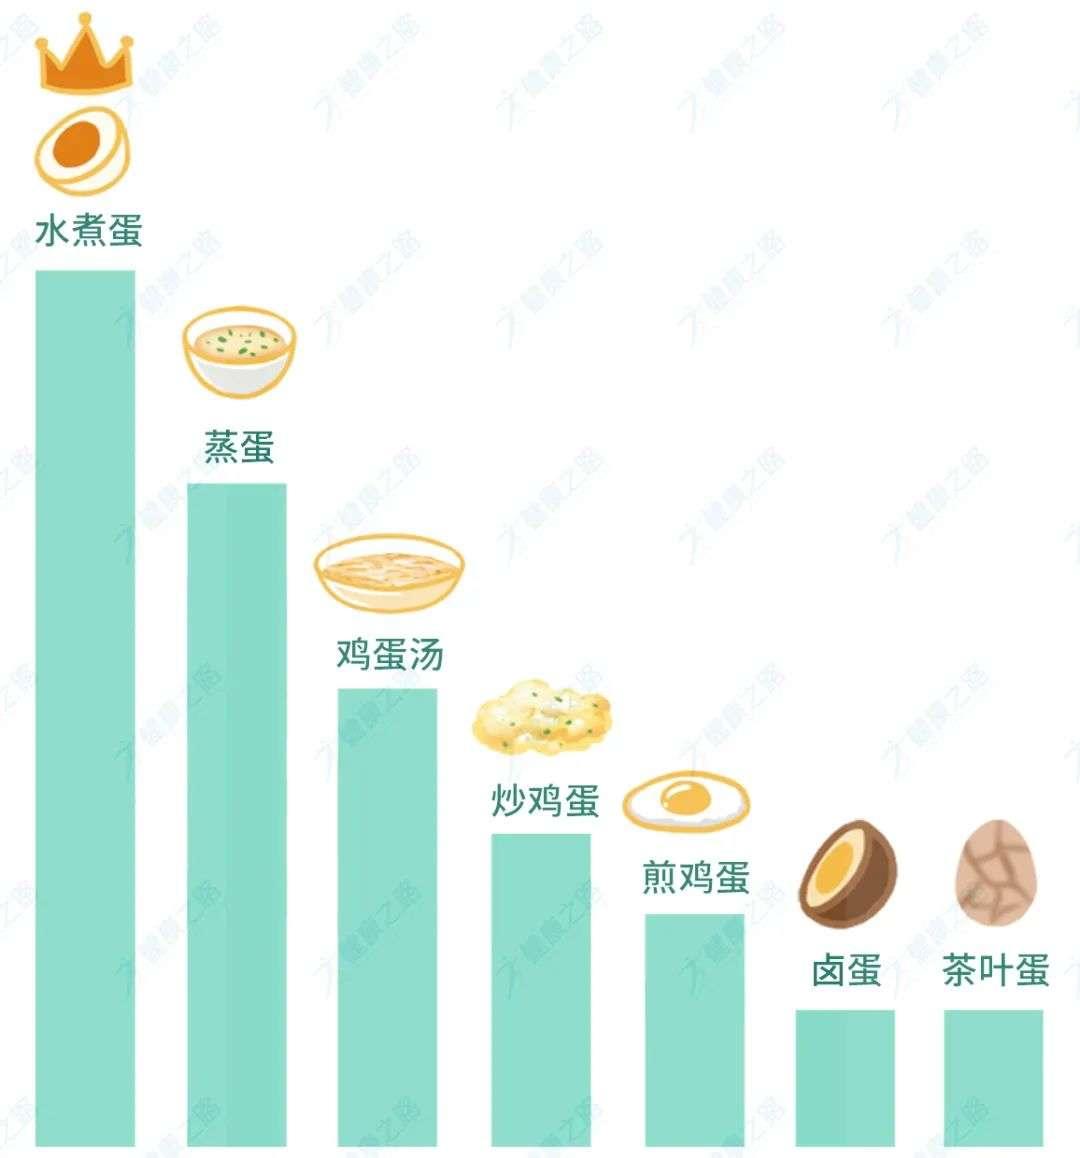 鸡蛋煮法健康度排名